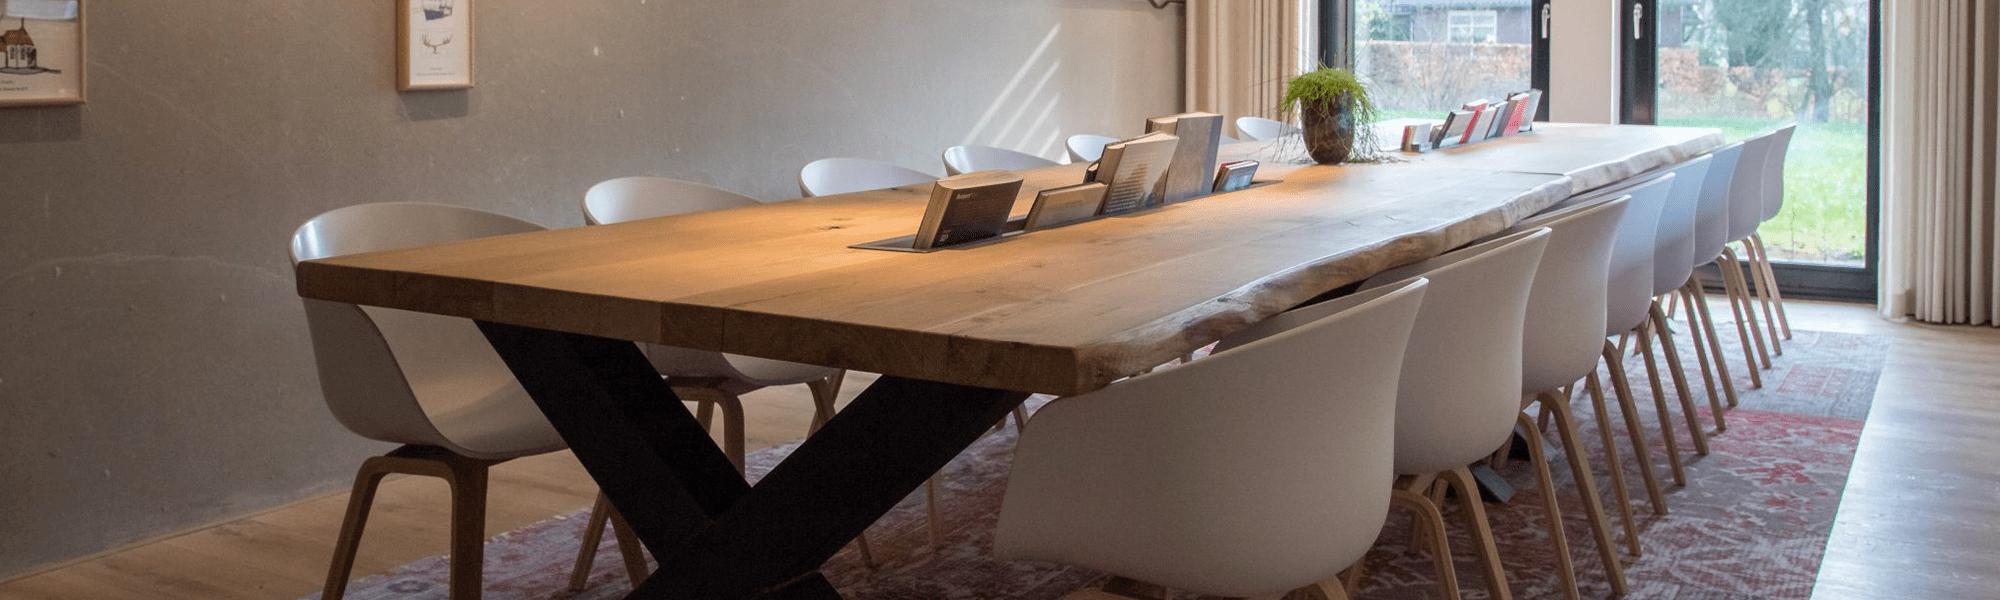 Projectinrichting meetingroom hotel